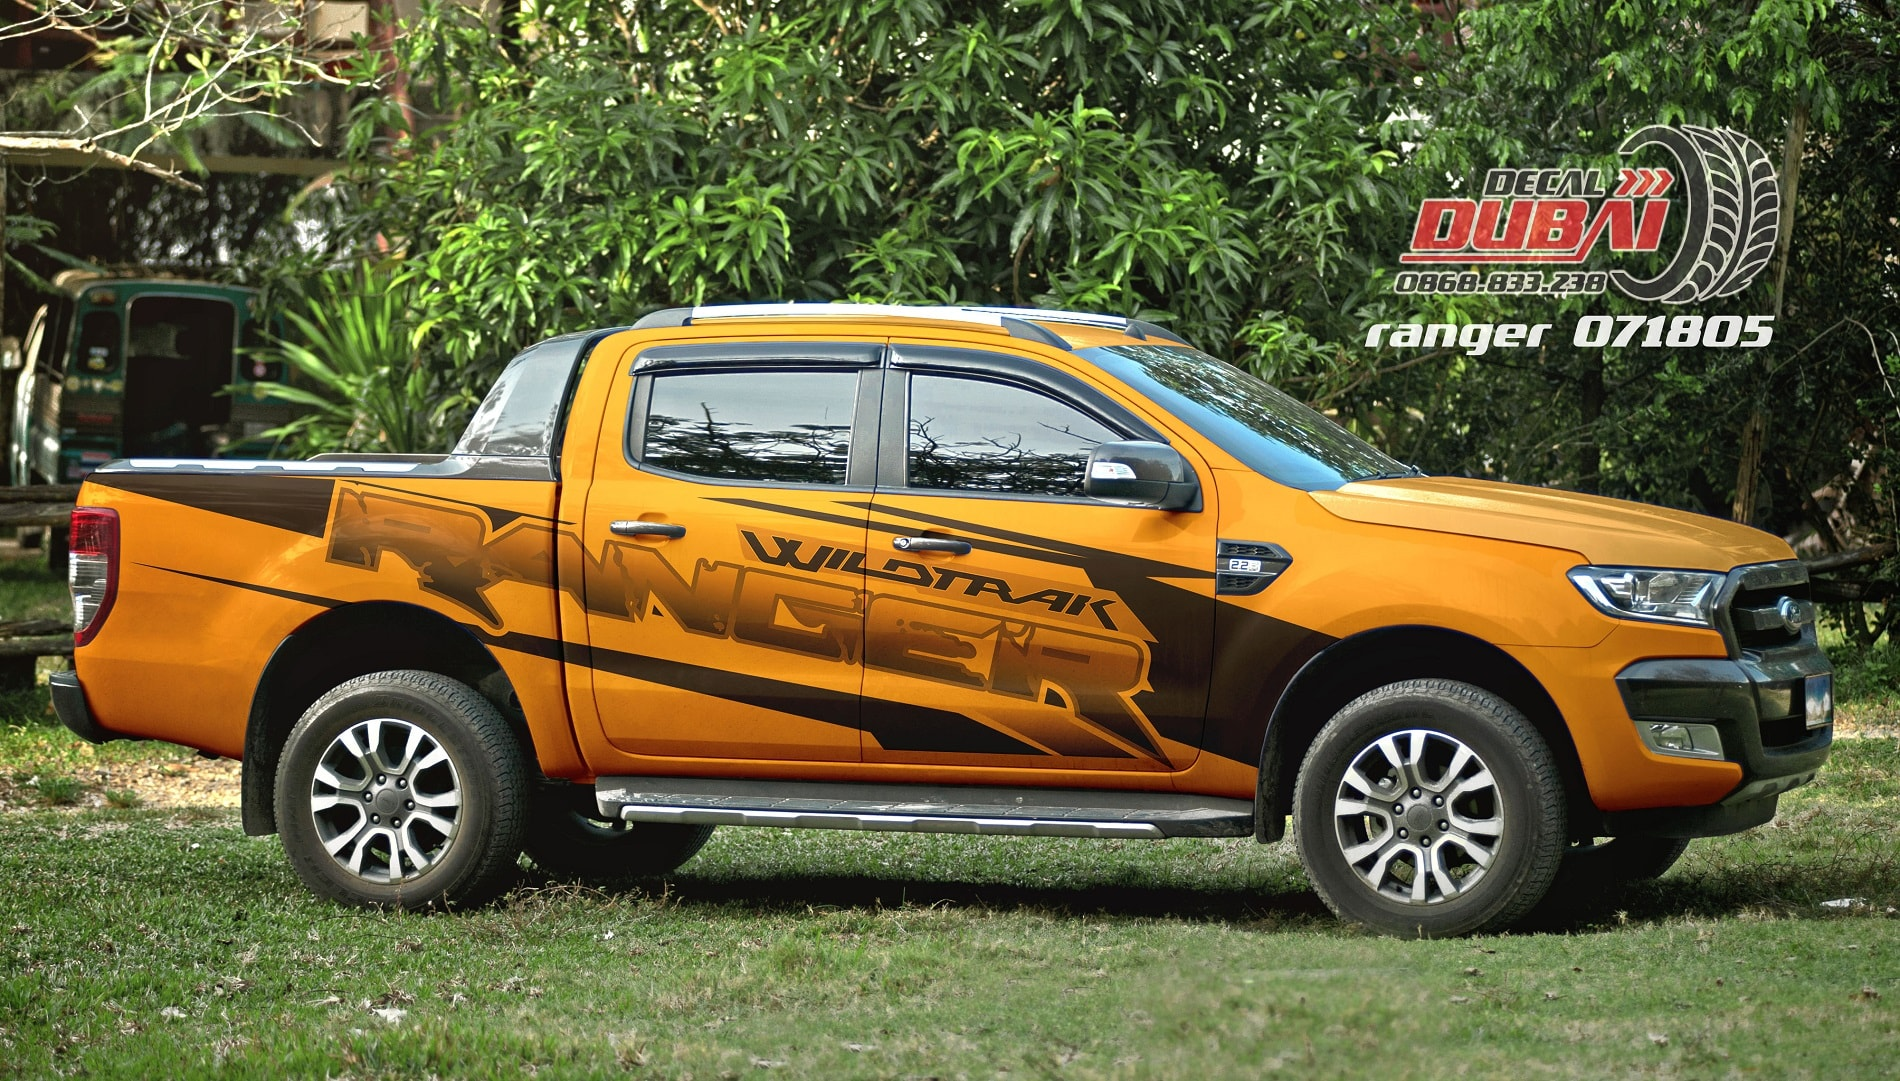 Tem-xe-ranger-071805-.2-1450k-min